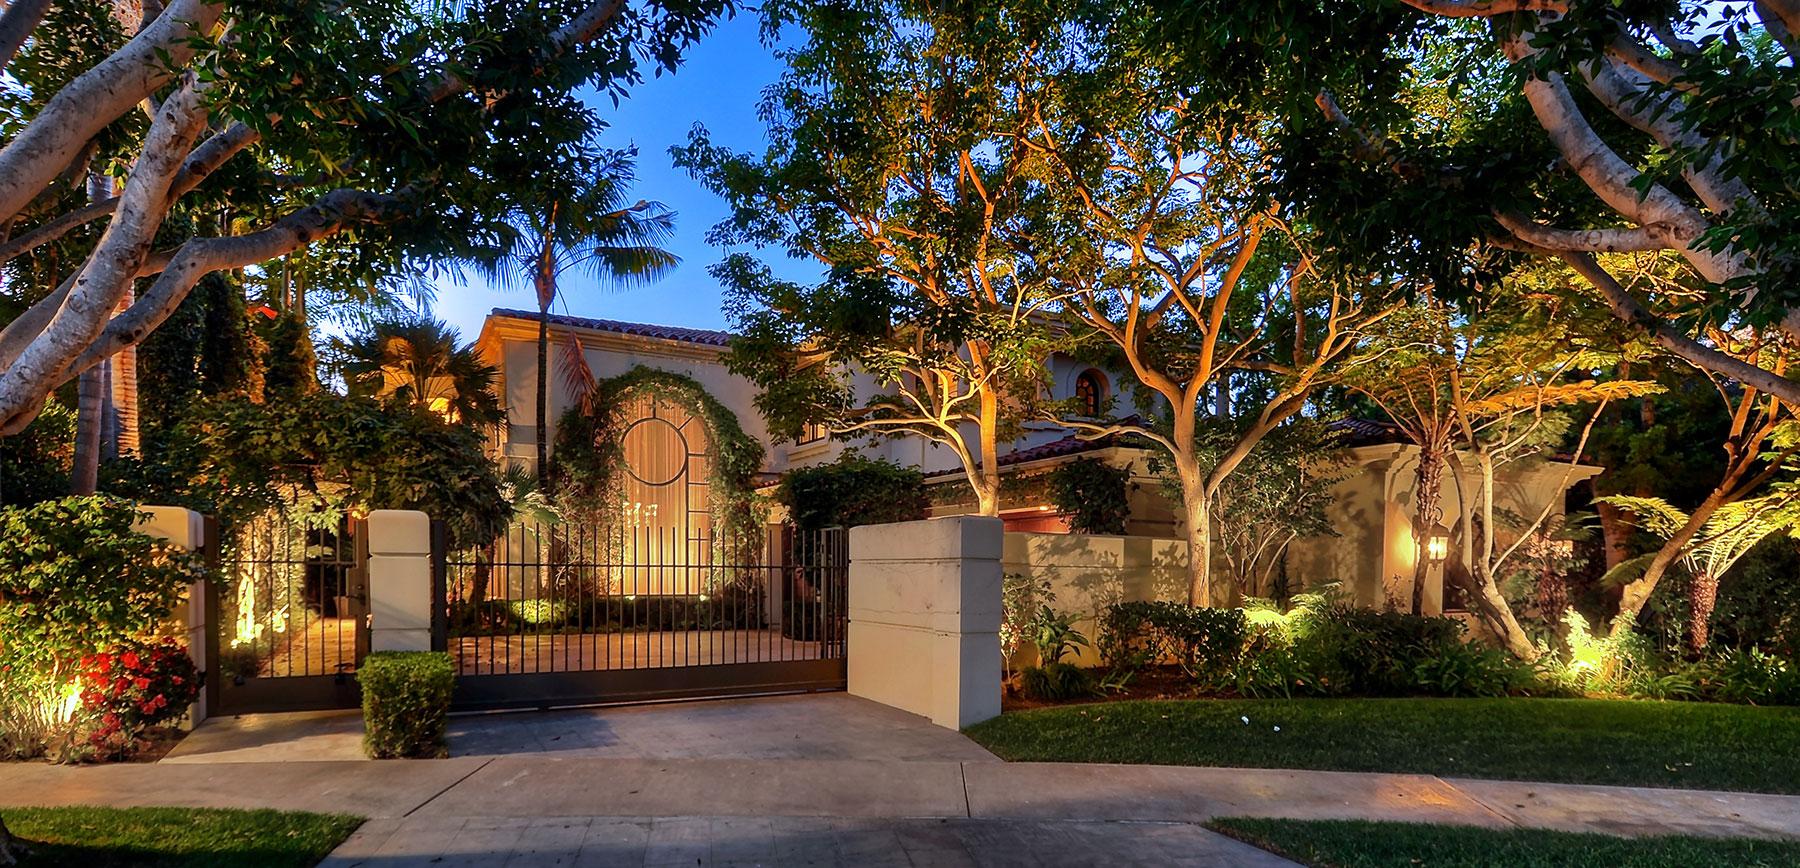 Maison unifamiliale pour l Vente à 1 Shoreline Newport Coast, Californie, 92657 États-Unis